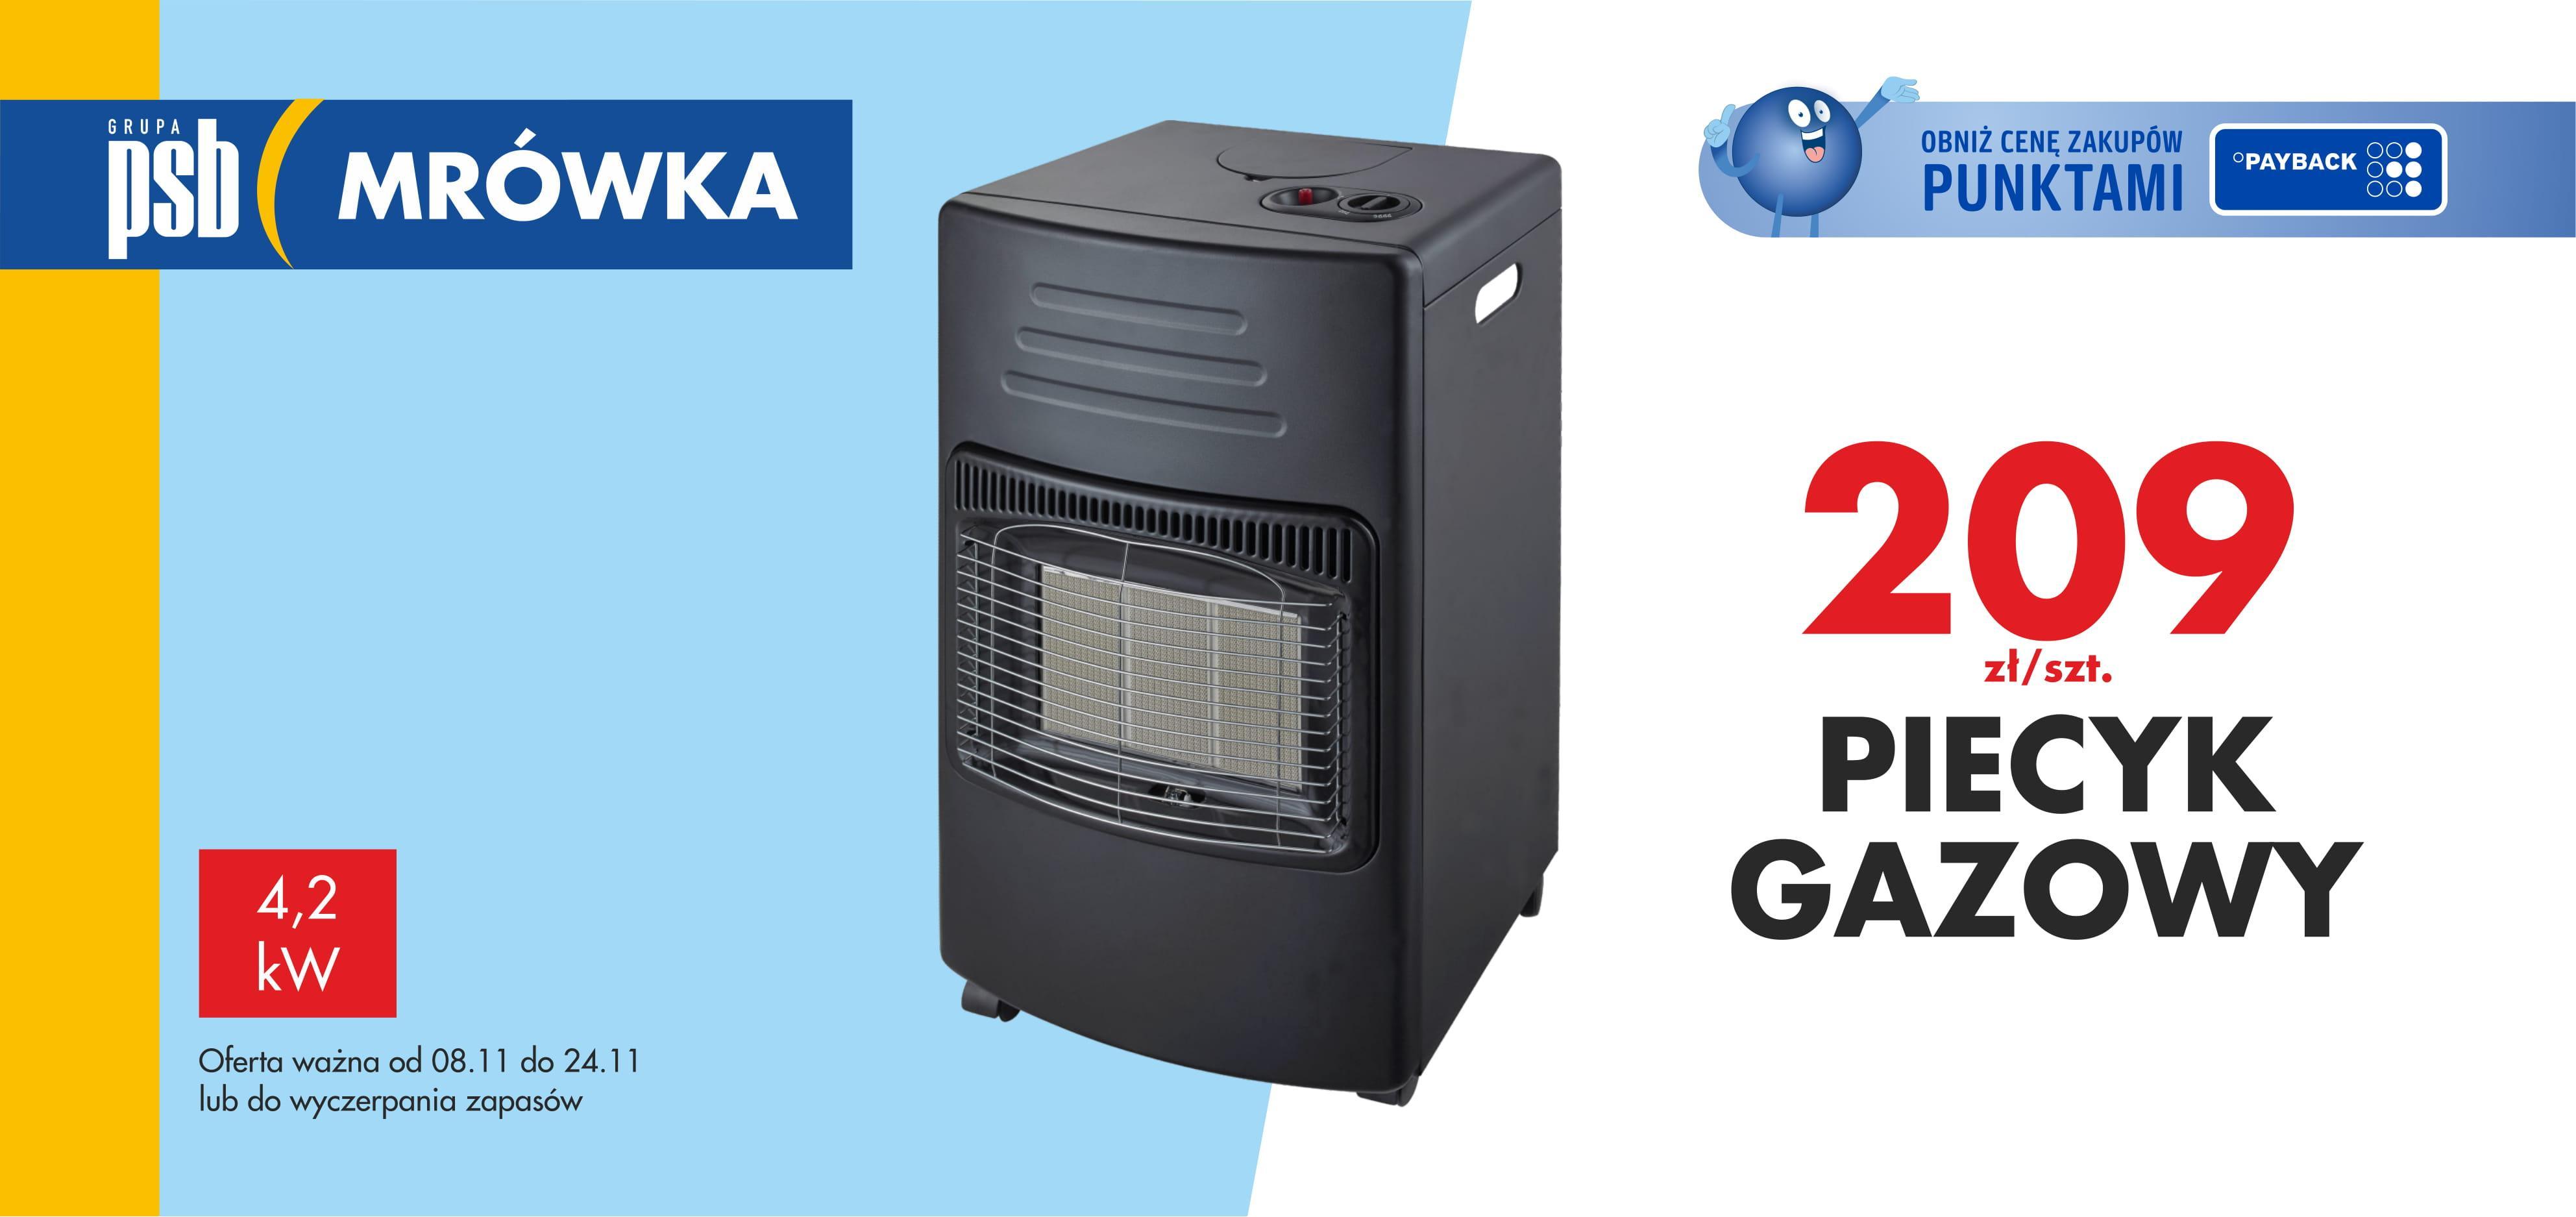 Piecyk-gazowy-504x238-1